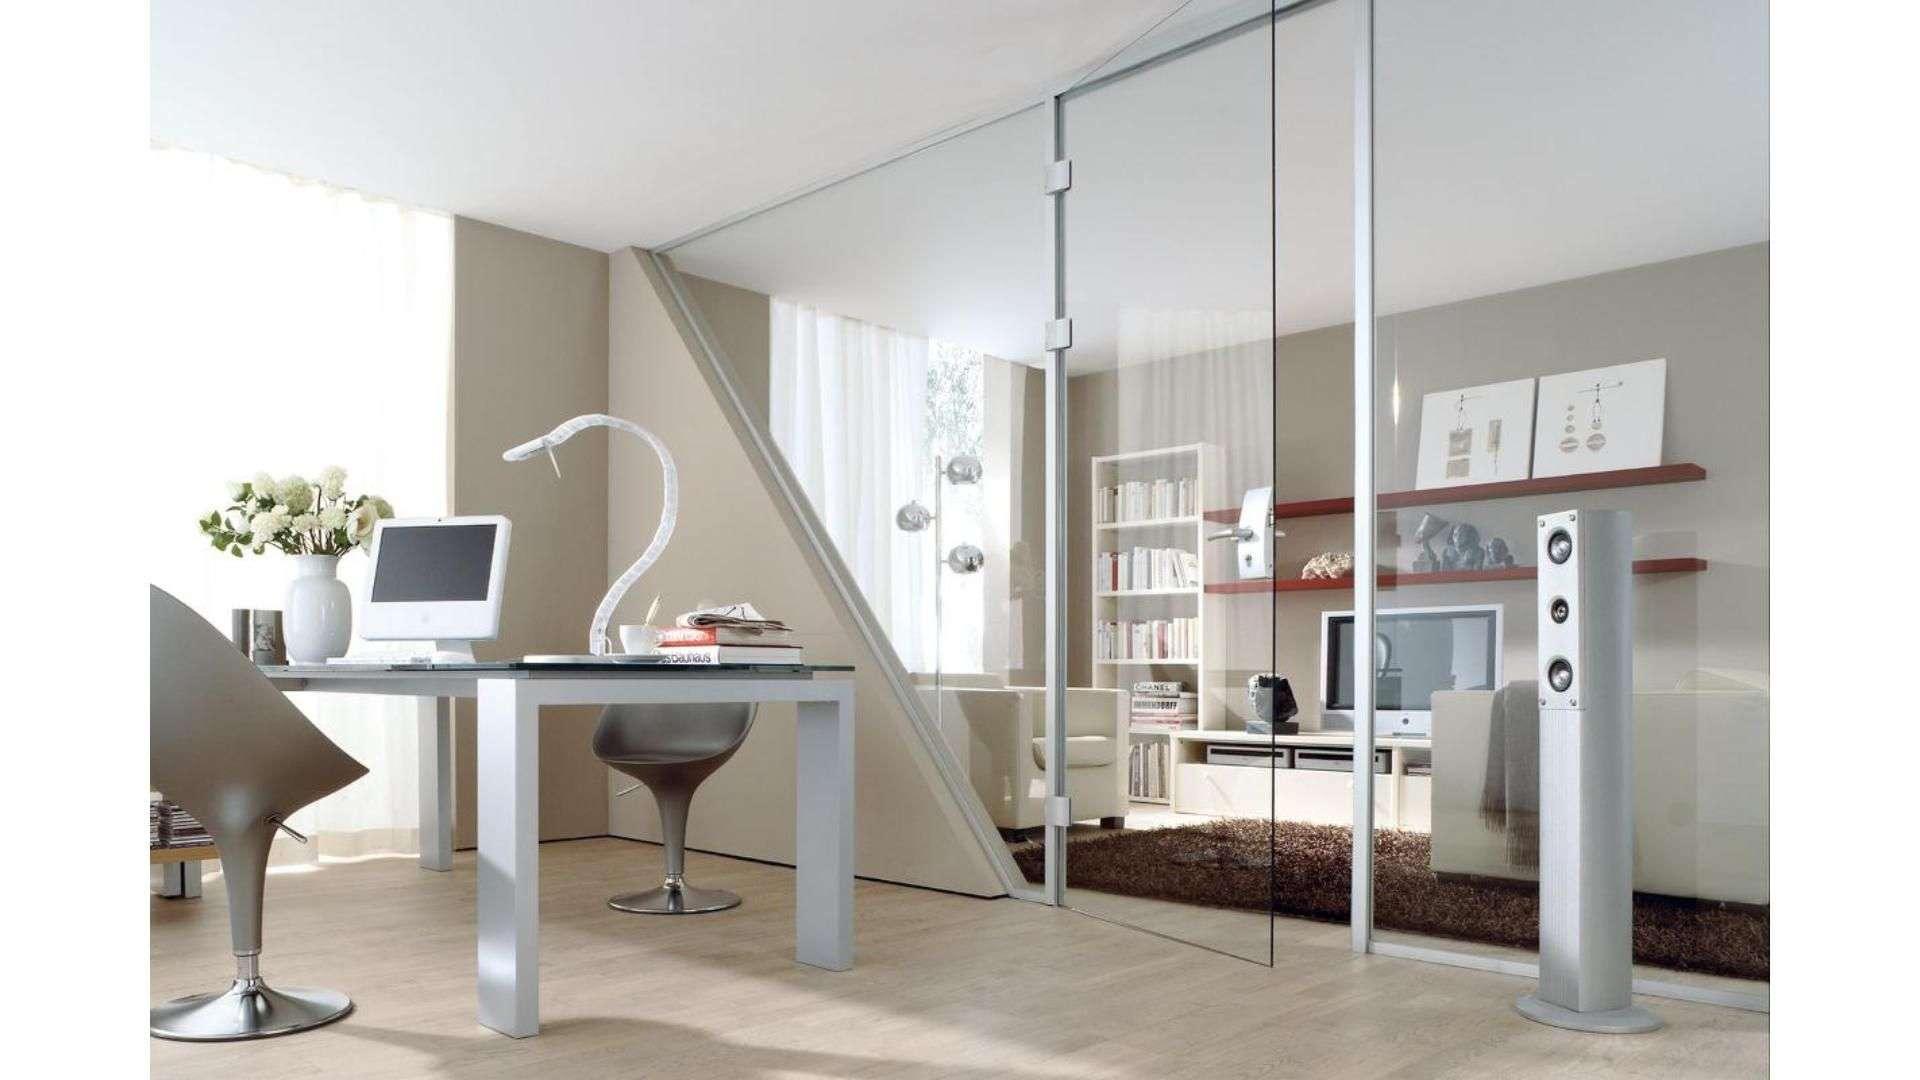 Ganzglas-Anlage zwischen Arbeits- und Wohnzimmer